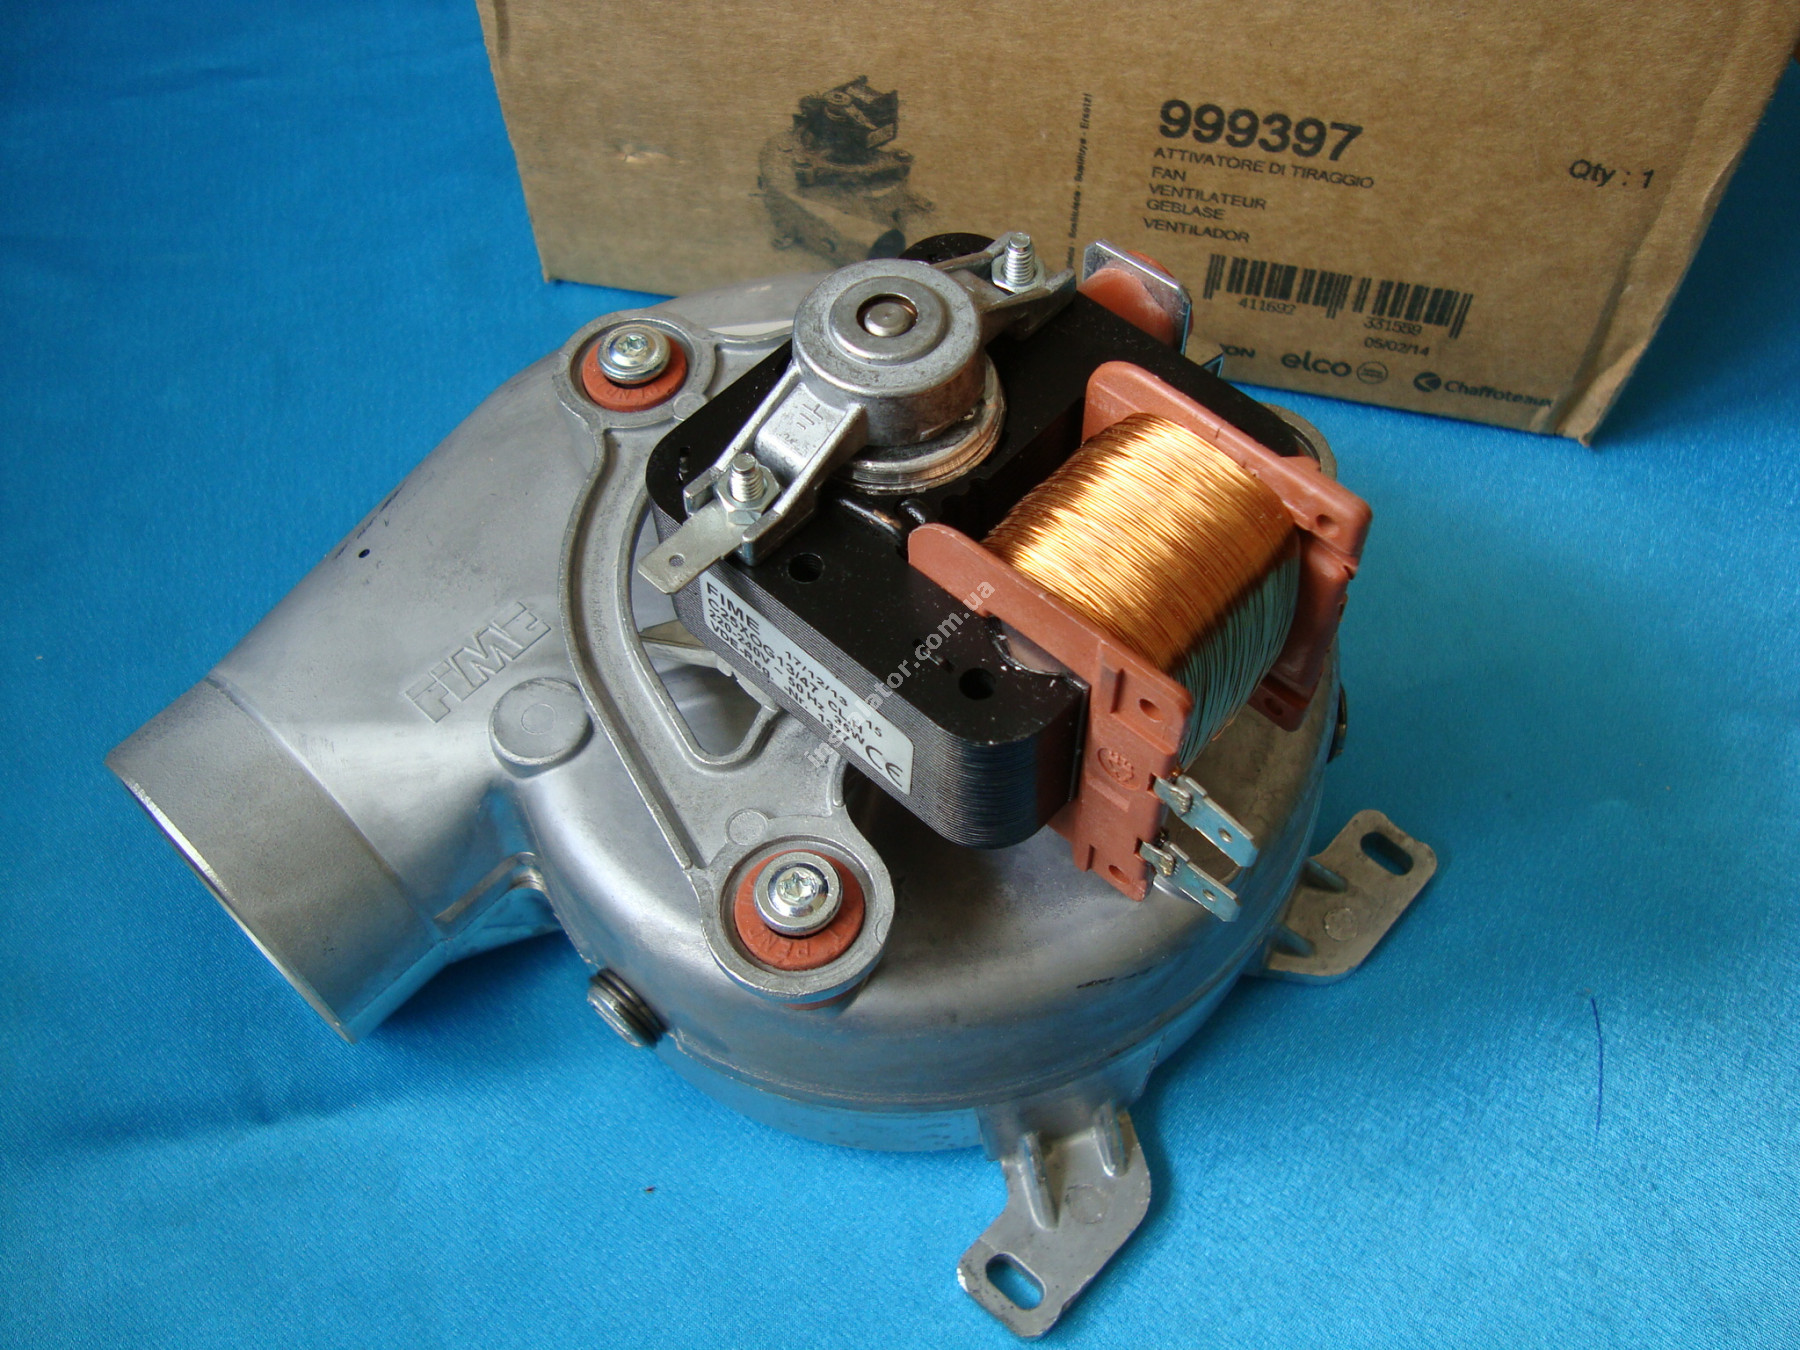 999397 Турбіна (вентилятор) ARISTON MicroGenus / T2 / TX  full-image-1